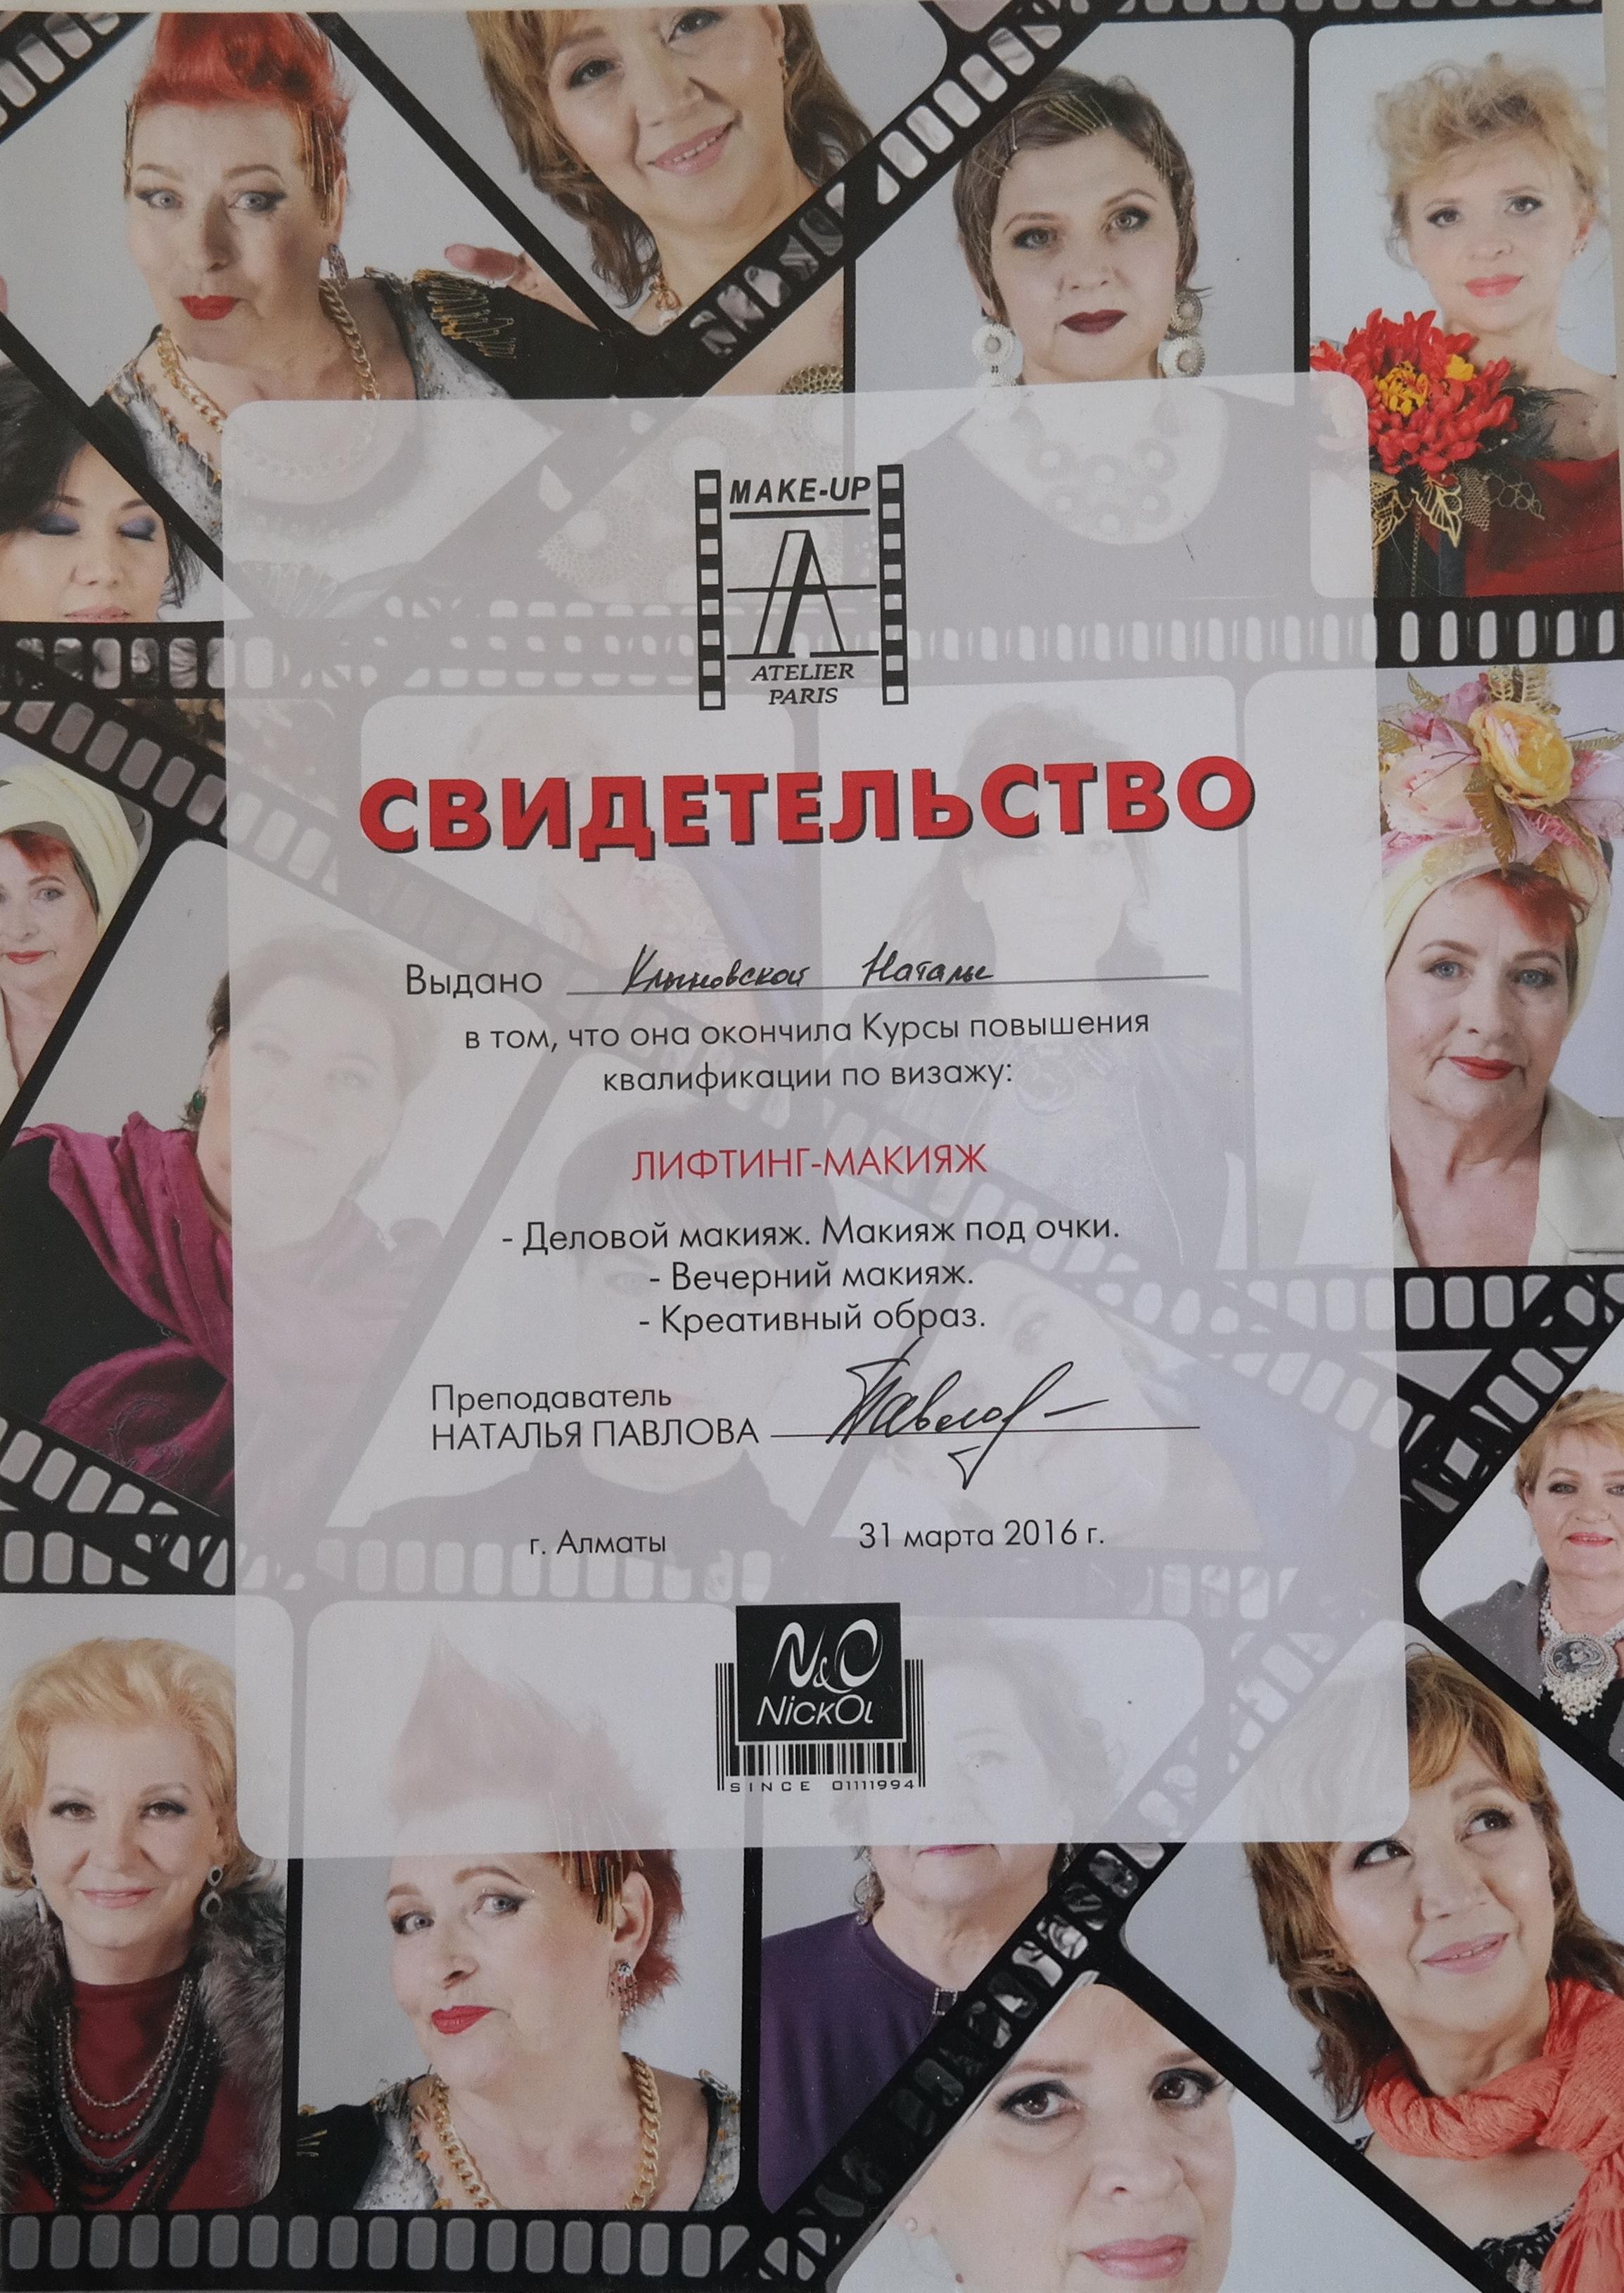 Курс повышения квалификации по визажу 2016- Лифтинг-макияж